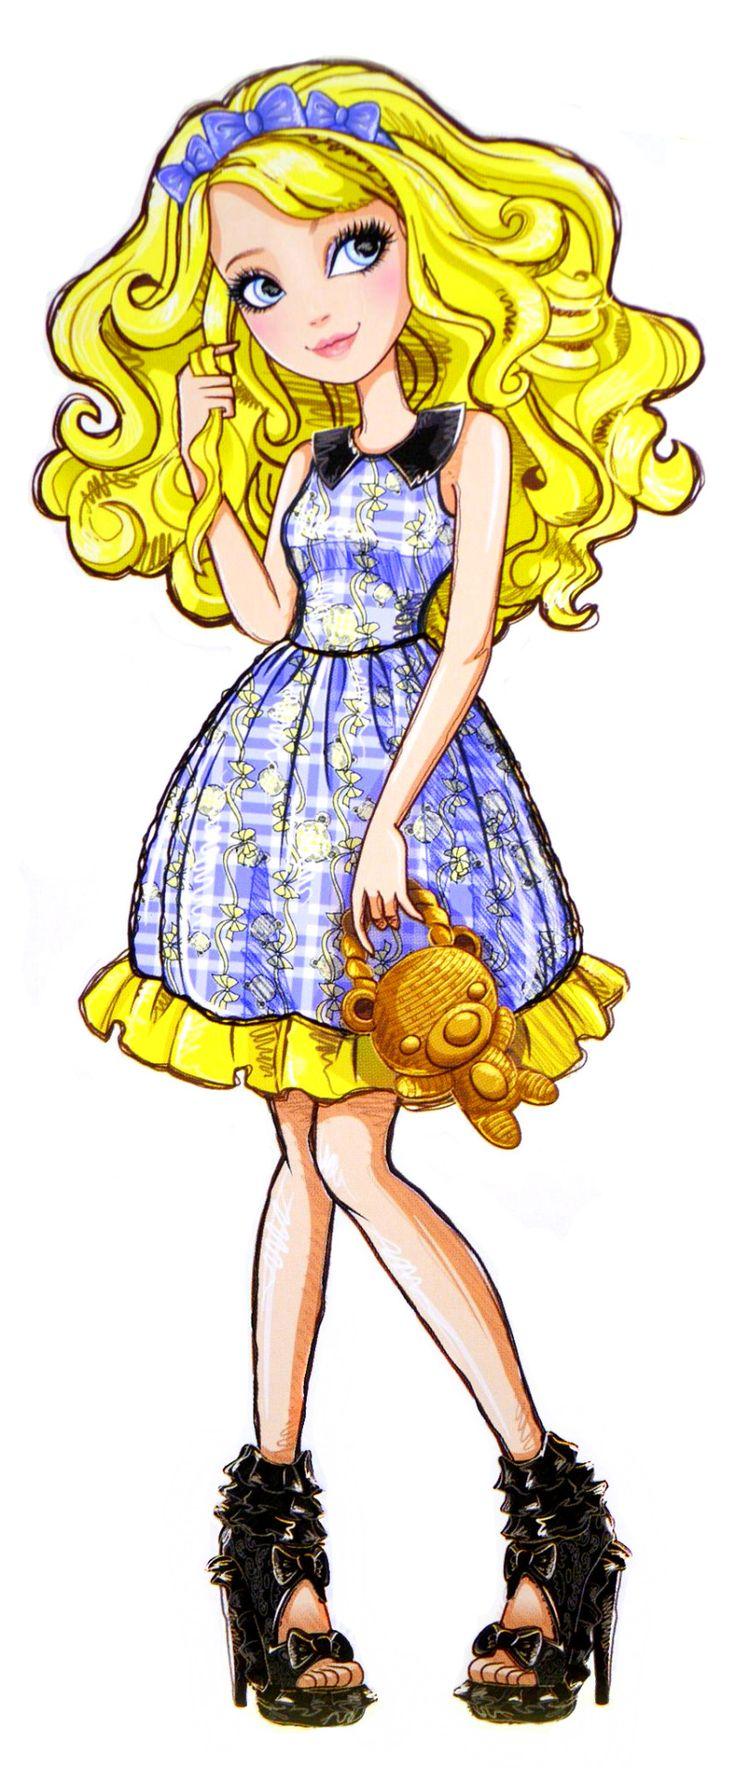 Blondie Lockes - Ever After High Wiki